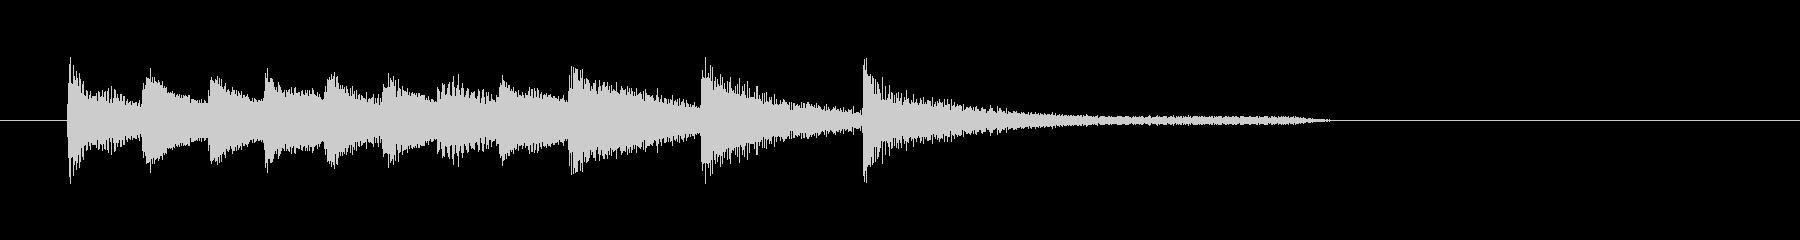 シンプルで知的なピアノのジングルの未再生の波形